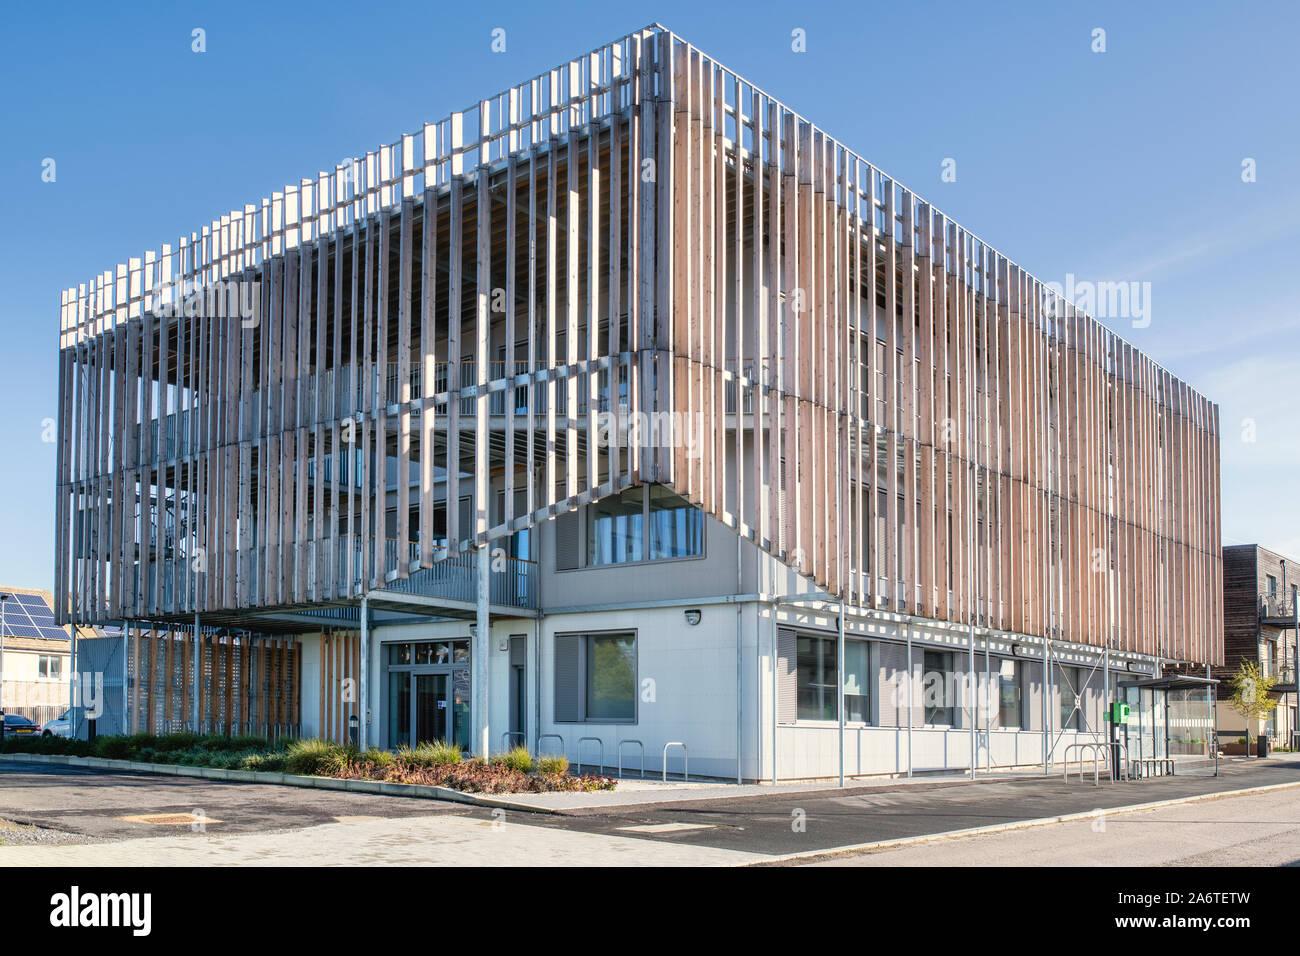 Der Barsch Eco Business Center. Großbritanniens erste PassivHaus Plus Arbeitsbereich. Charlotte Avenue, Elmsbrook, North West Bicester, Oxfordshire, England Stockfoto